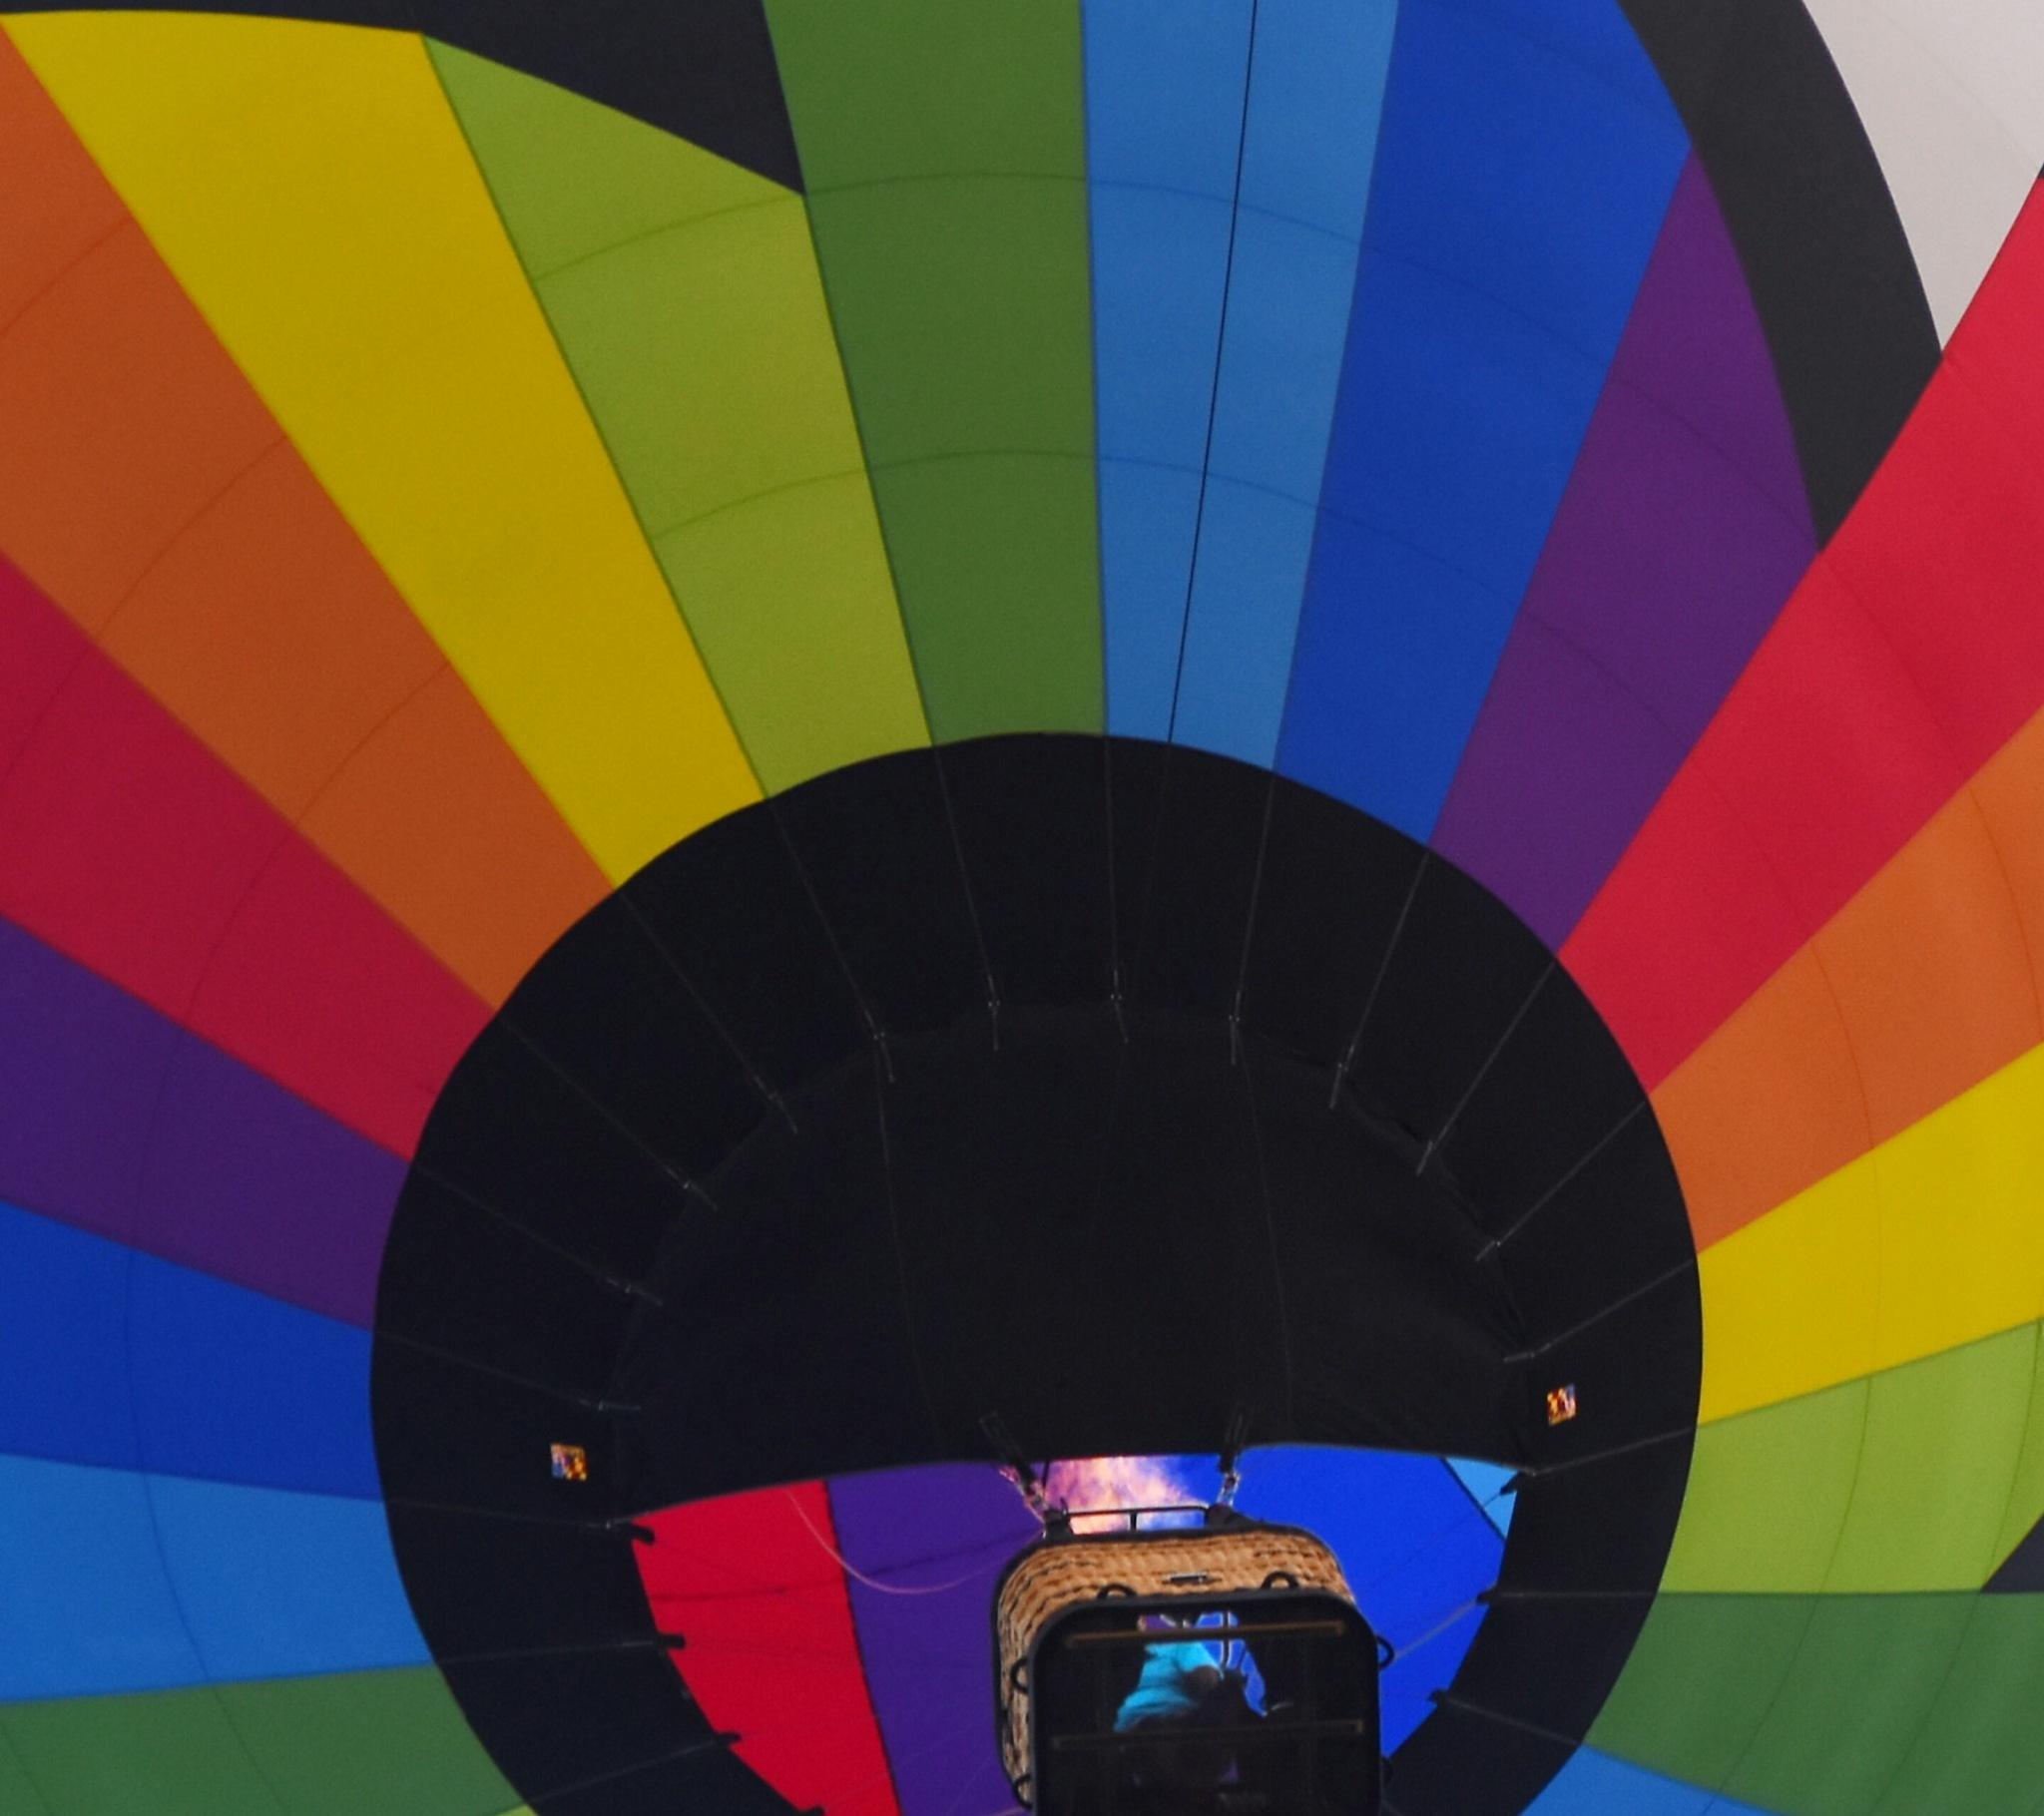 San Angelo Texas Balloon Festival by jphall